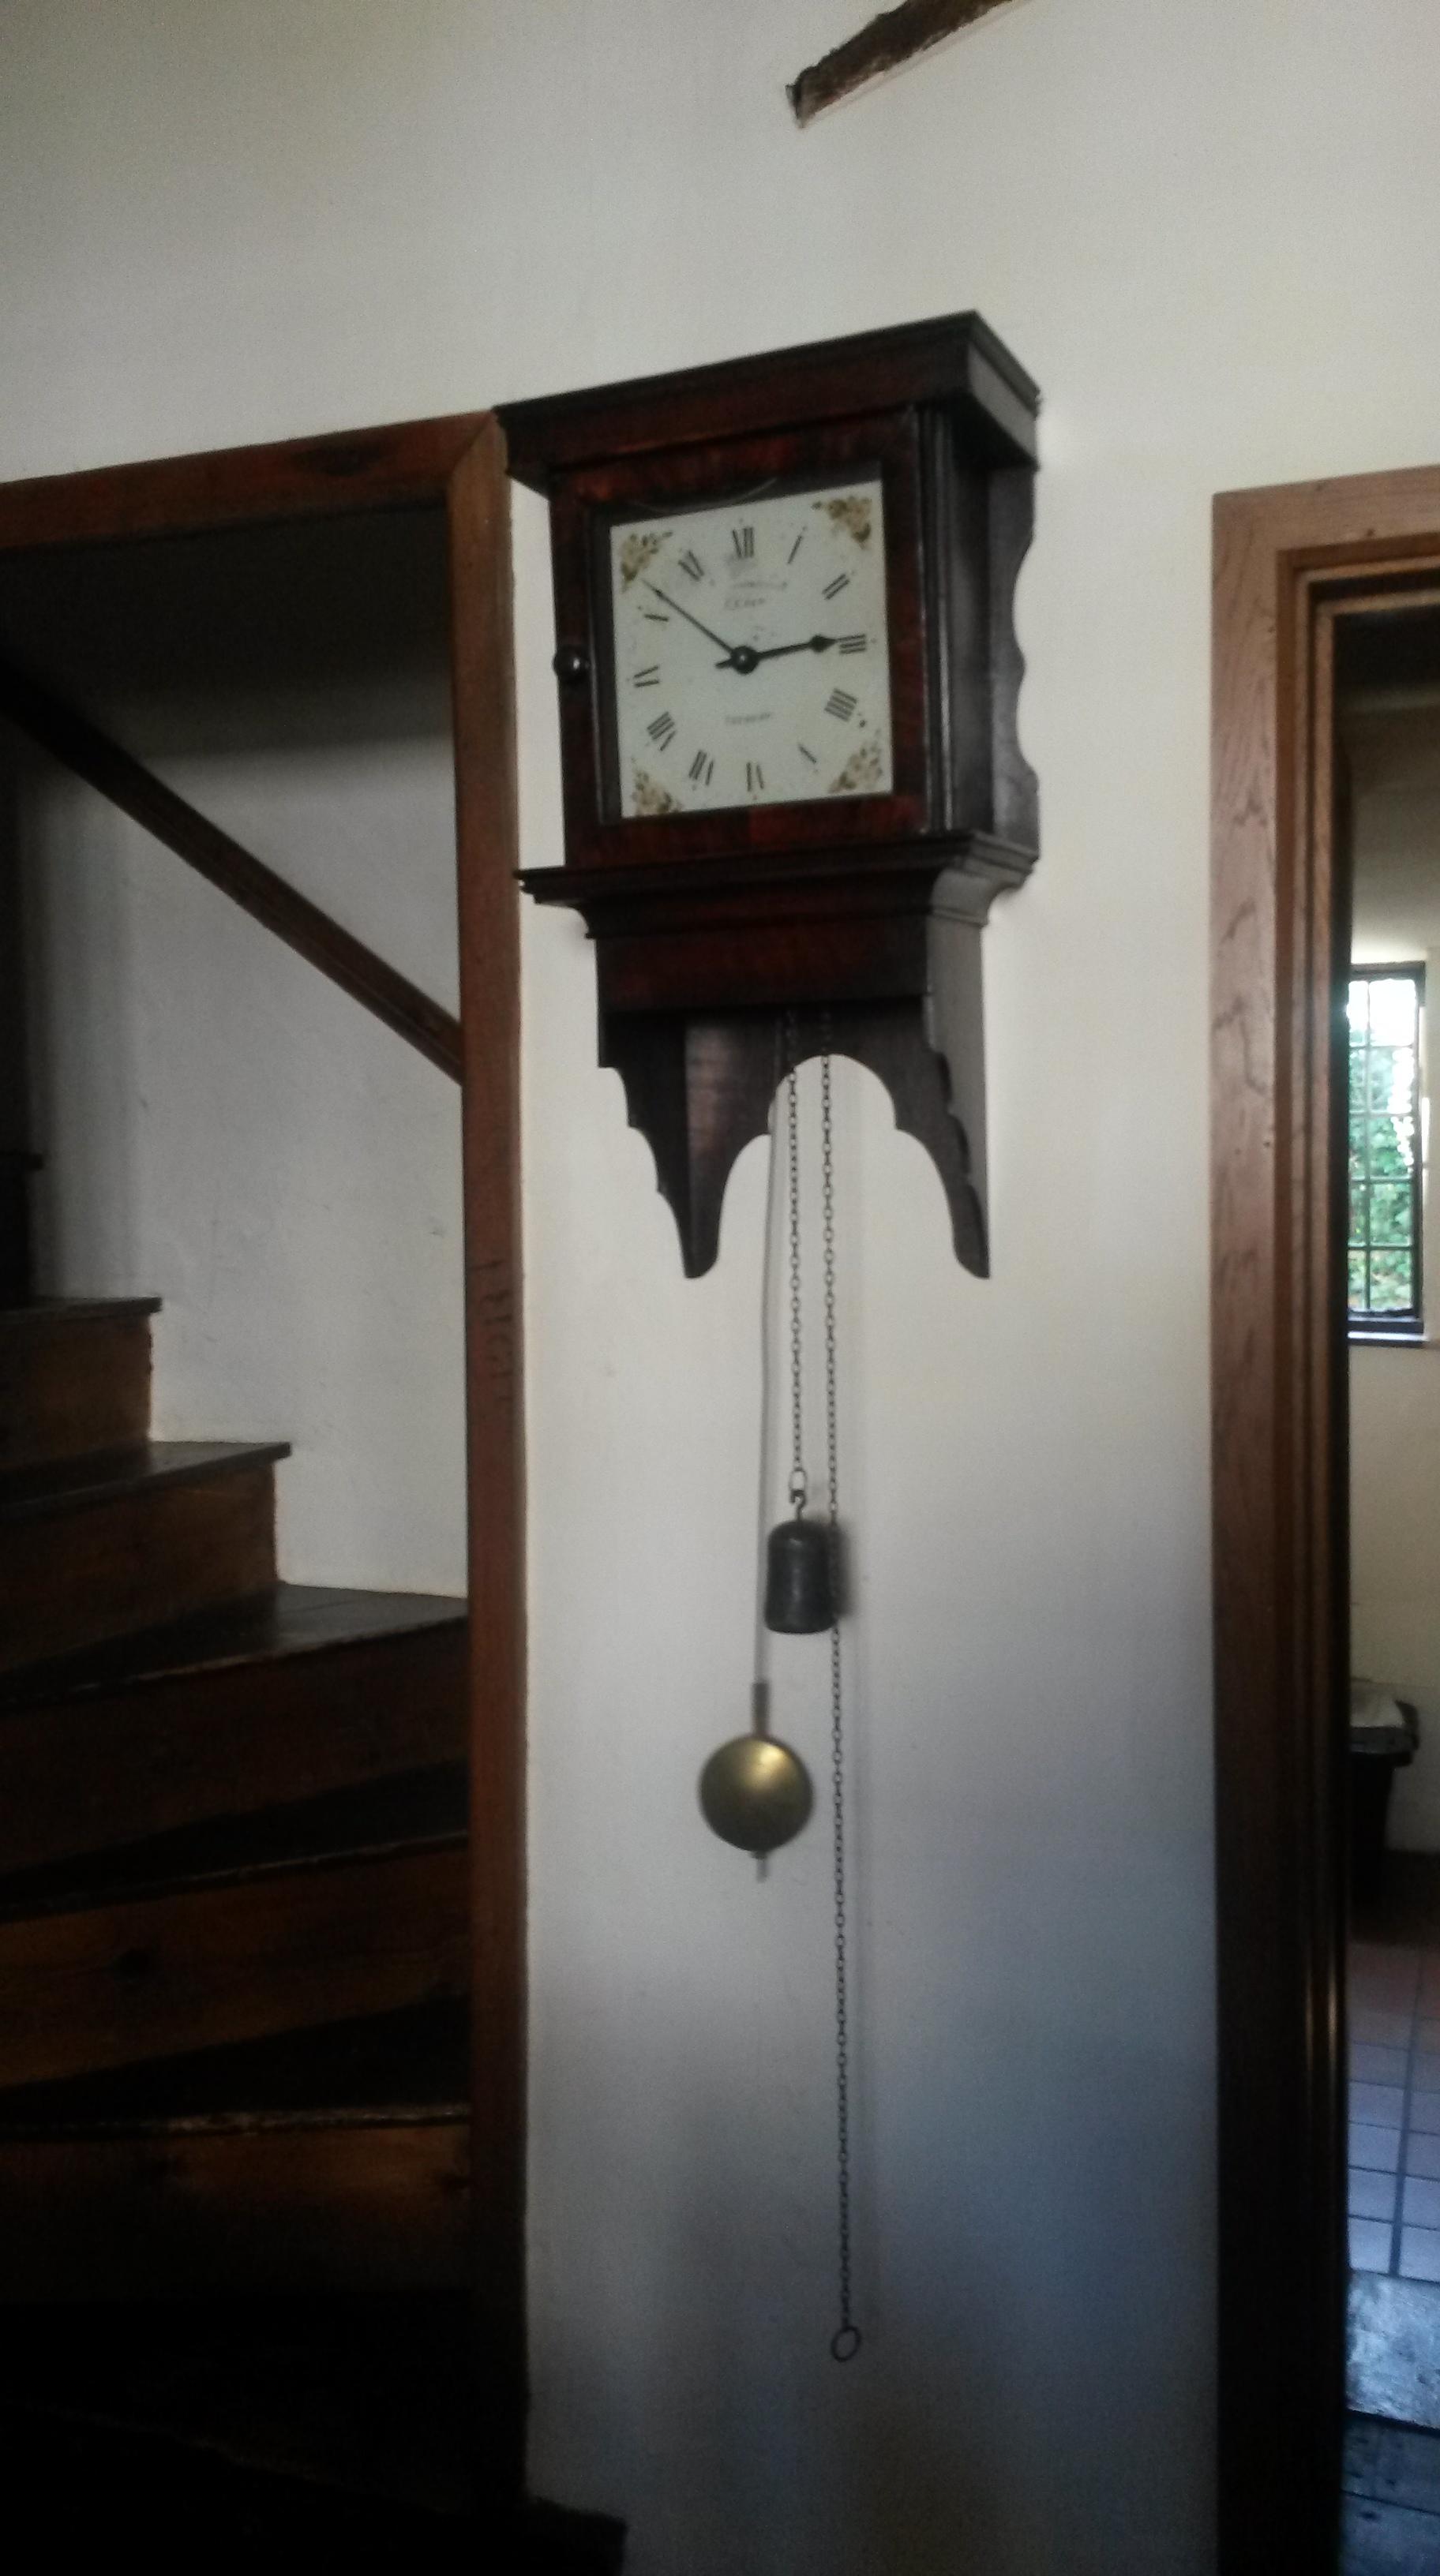 Landmaark kitchen accessories - Kitchen Clock Peake S House Landmark Trust Colchester